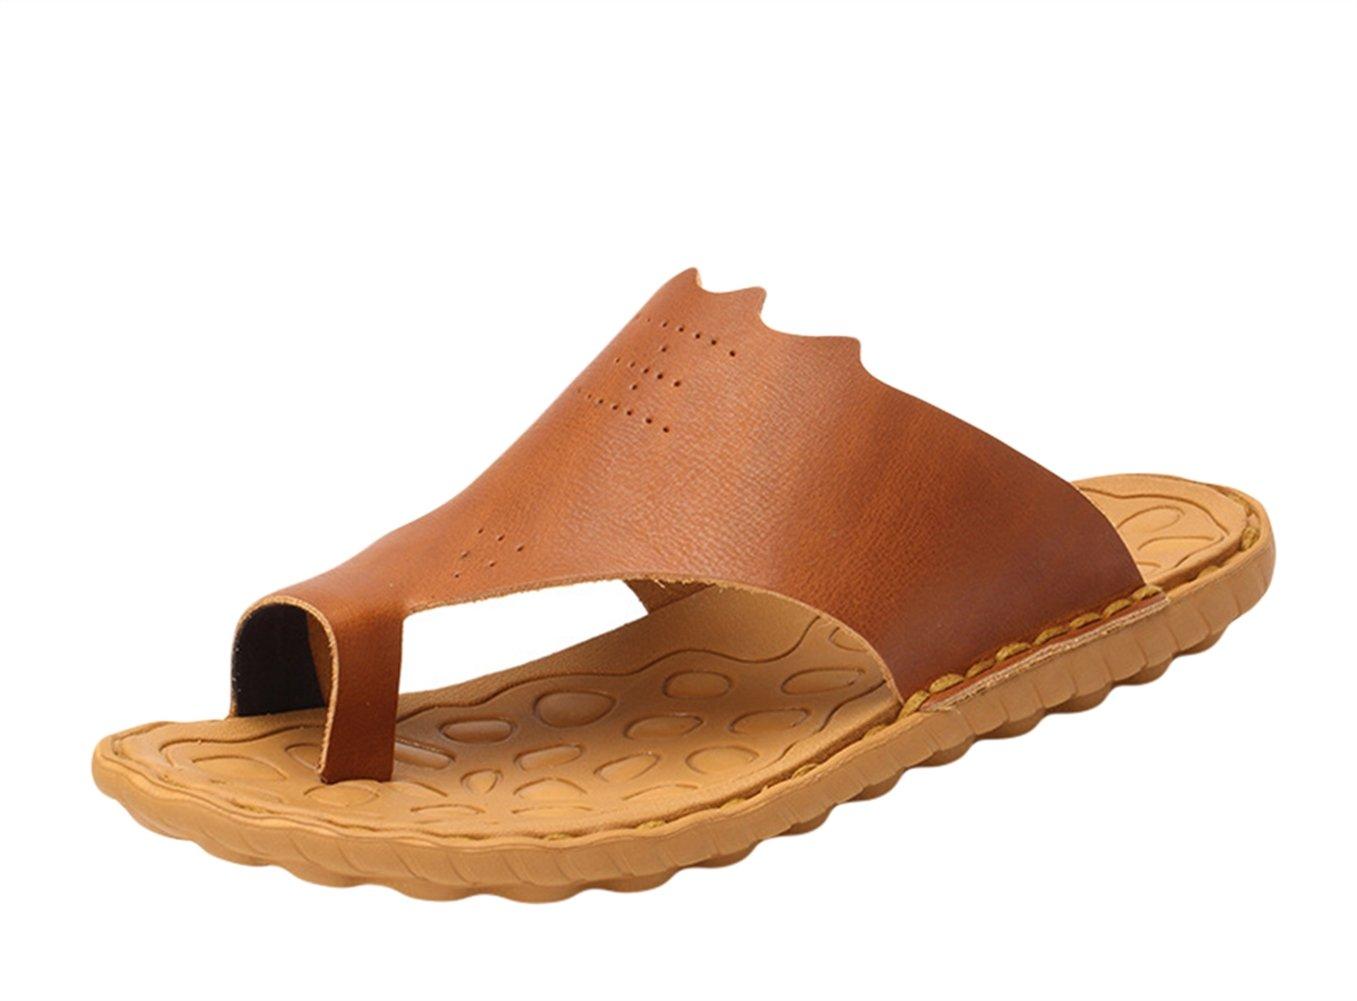 Insun Hombres Sandalias Chanclas Cuero Zapatos Al Aire Libre 40 EU|Marrón